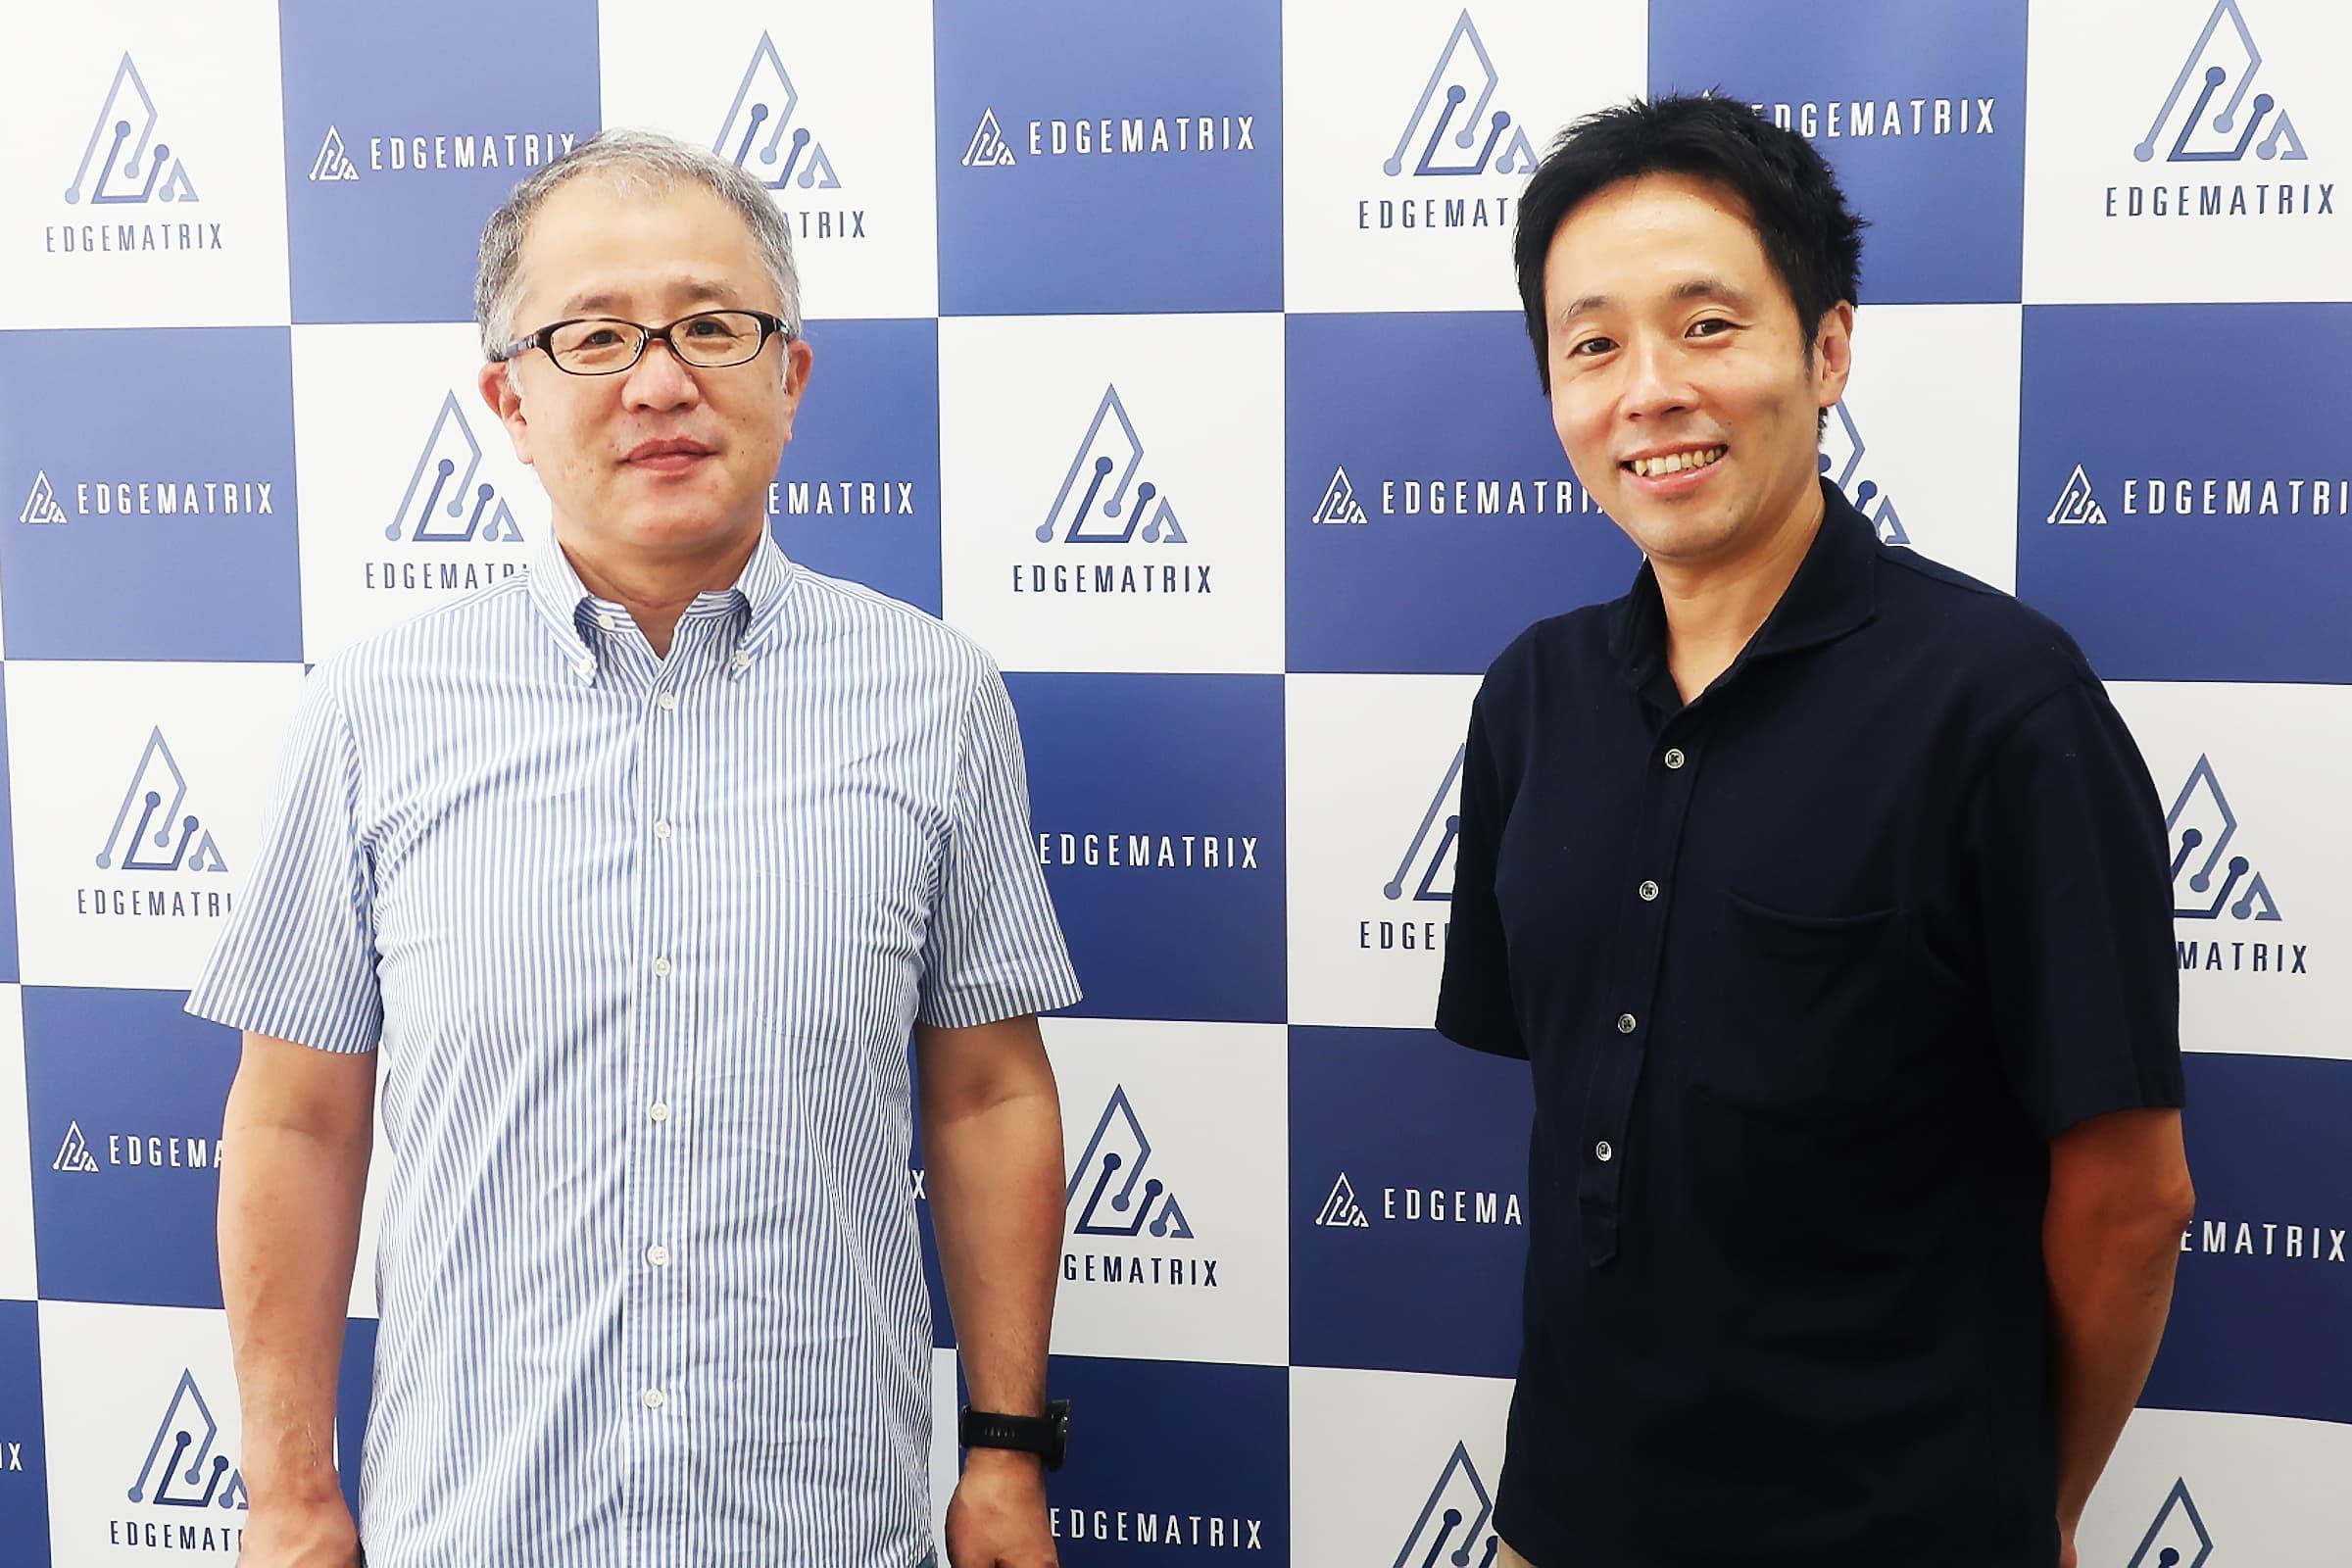 エッジマトリクス社代表取締役副社長 本橋信也氏(左)、同 執行役員 鈴木紀行氏(右)